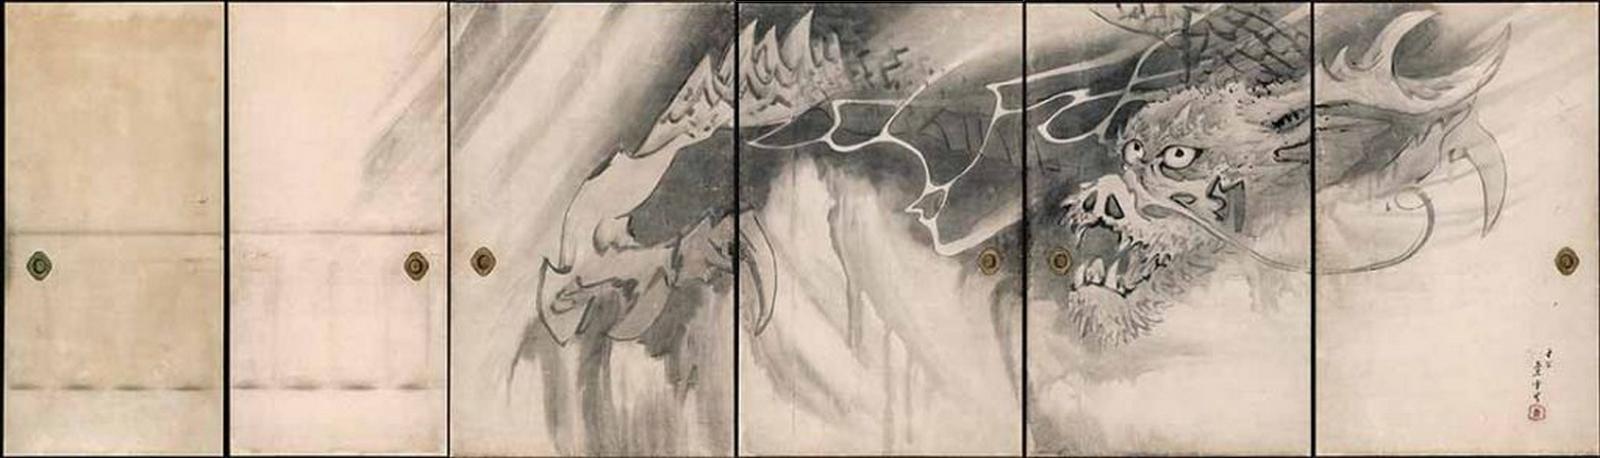 Dragon, 1786, six panneaux coulissants, encre sur papier, Nagasawa Rosetsu